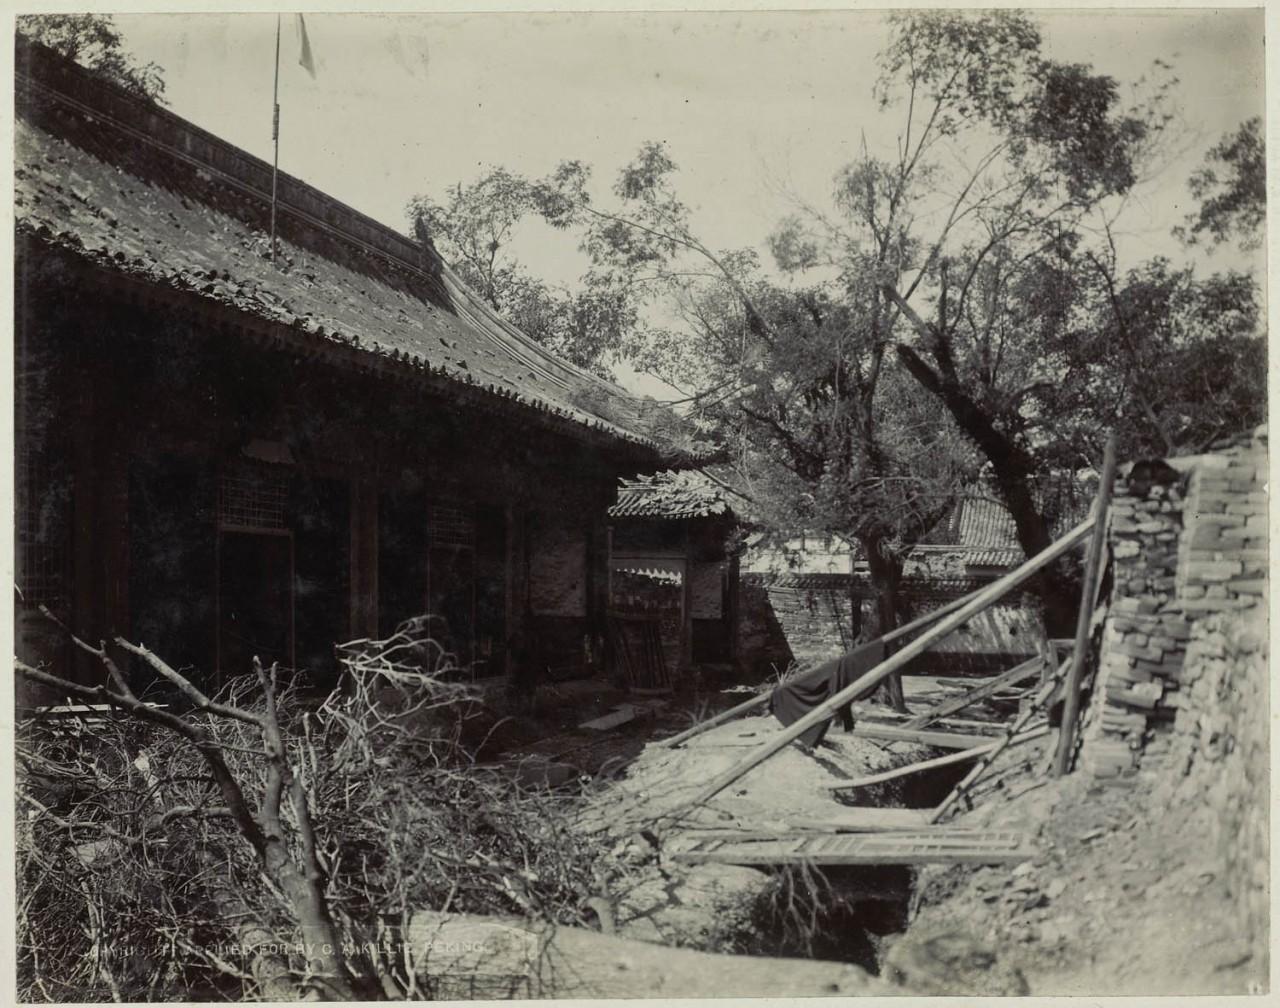 Ихэтуаньское восстание (Боксерское восстание) в Китае.